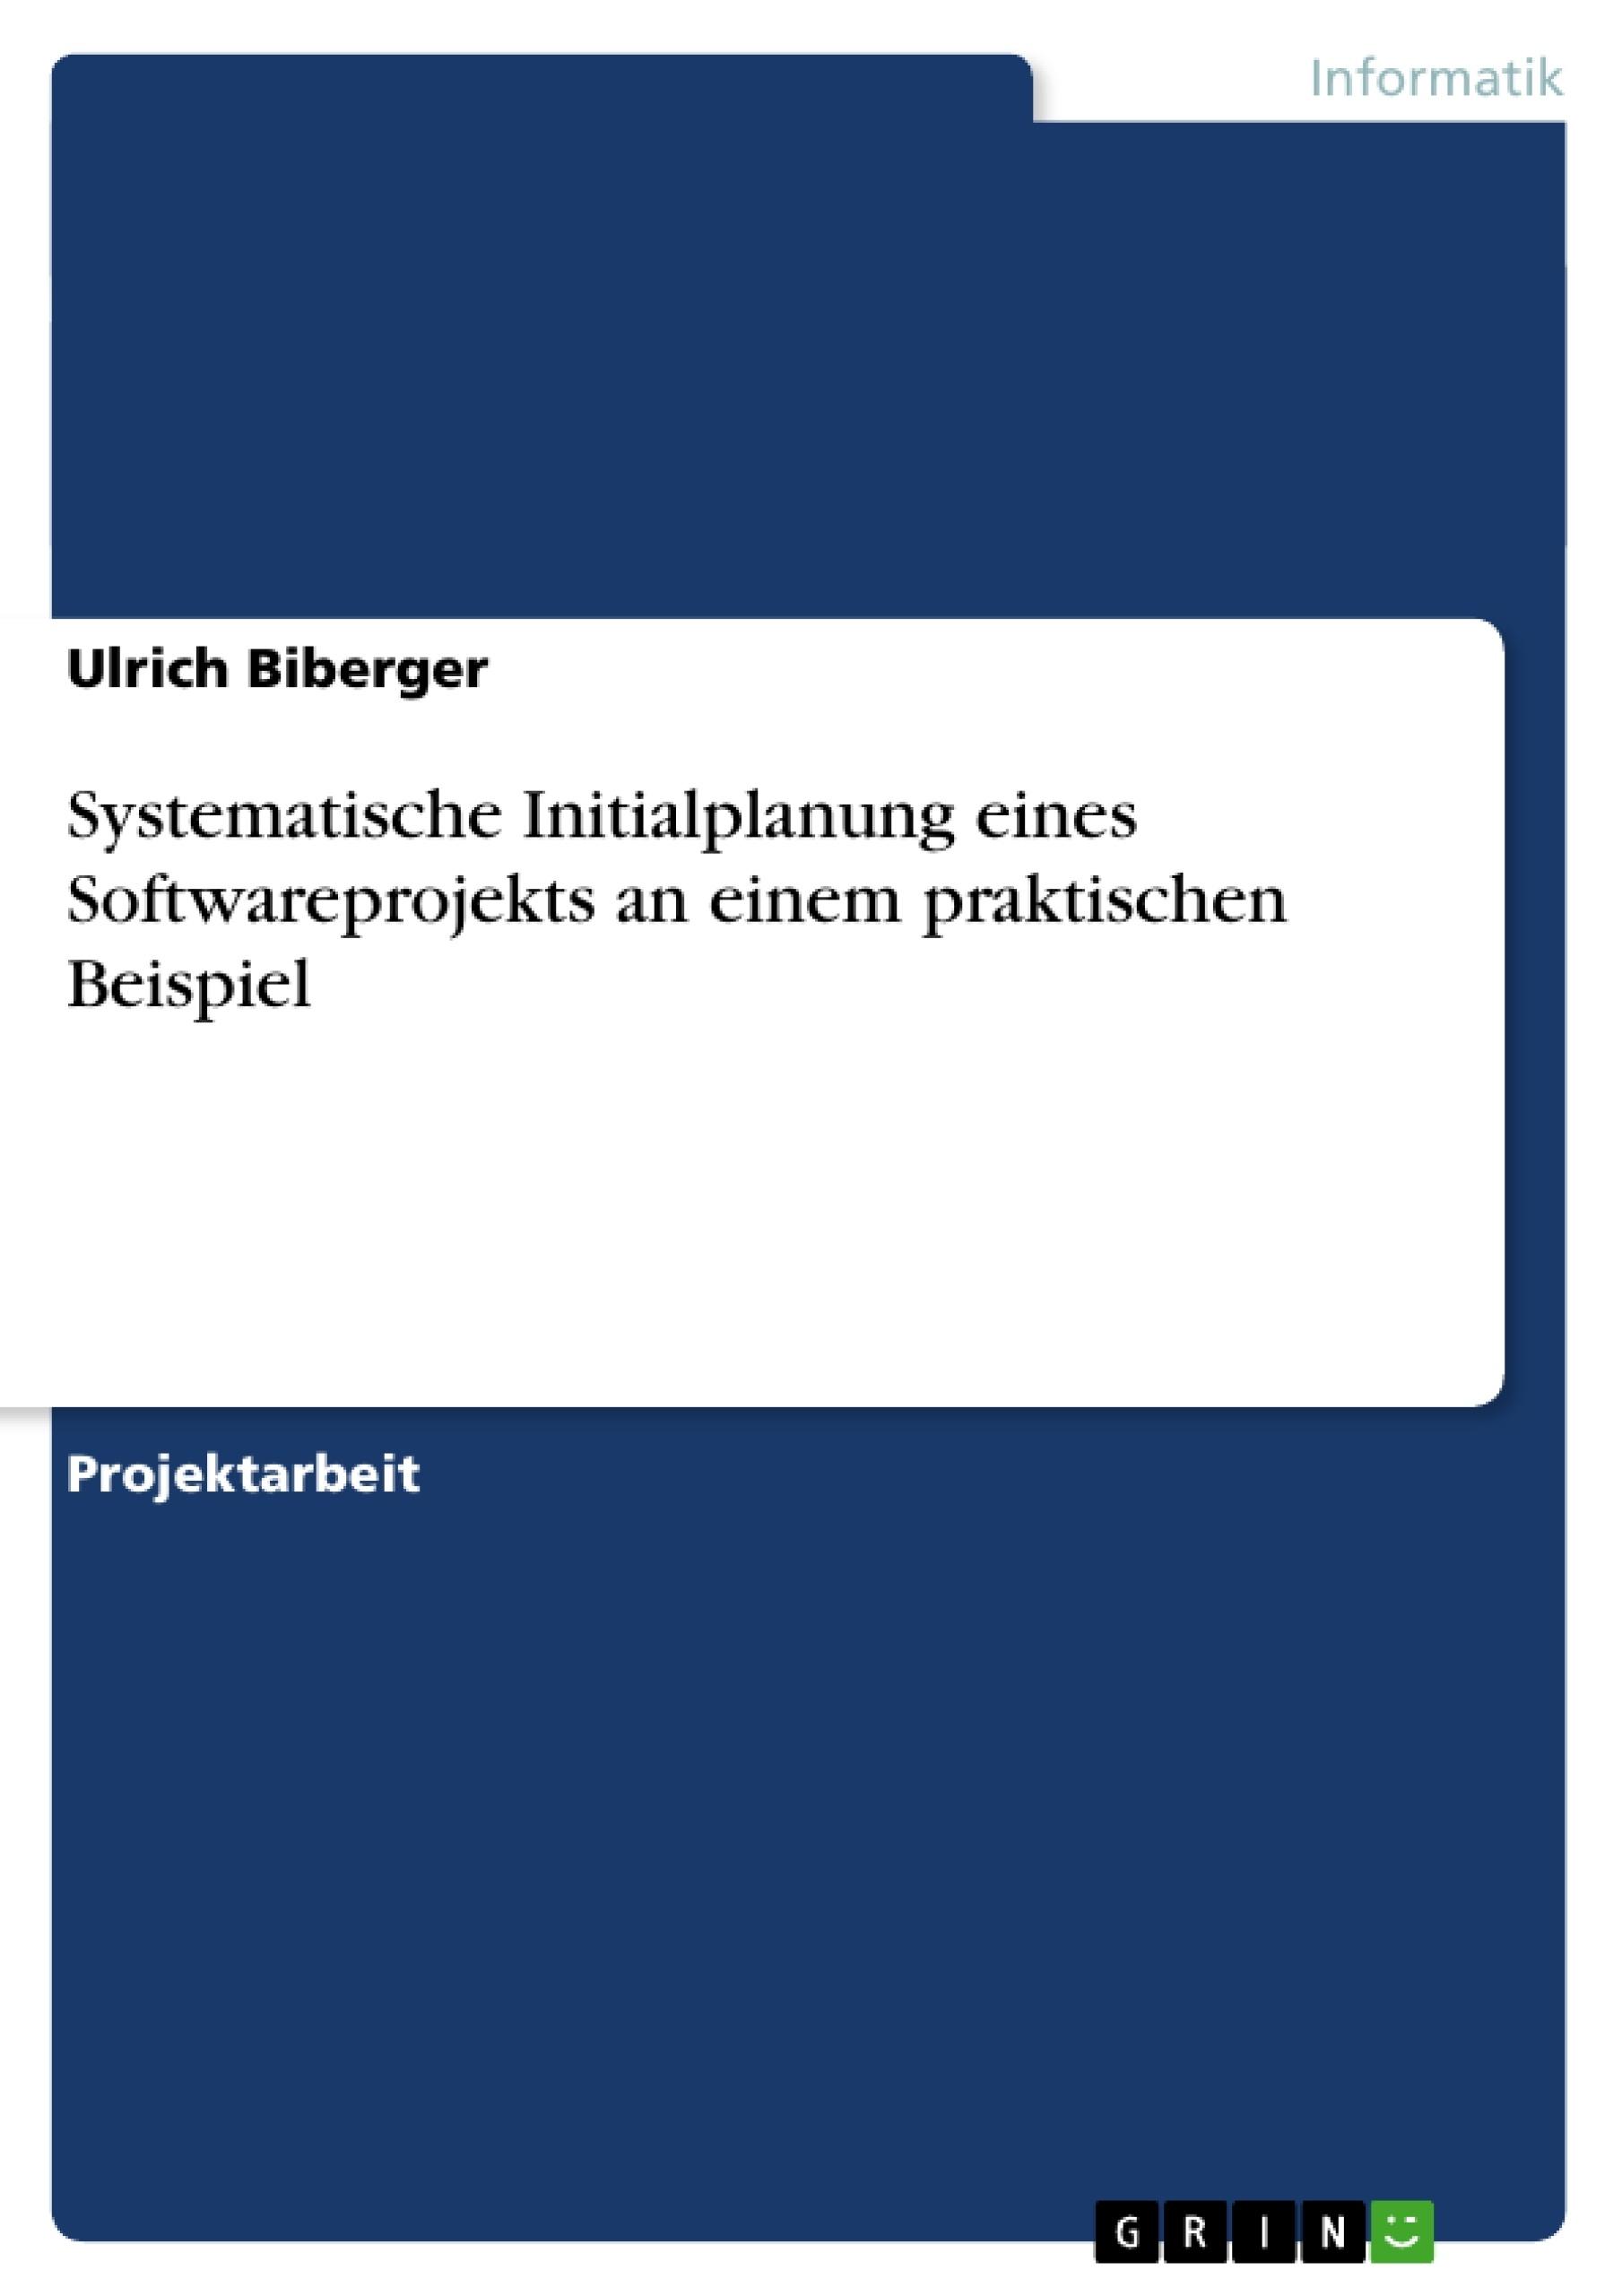 Titel: Systematische Initialplanung eines Softwareprojekts an einem praktischen Beispiel